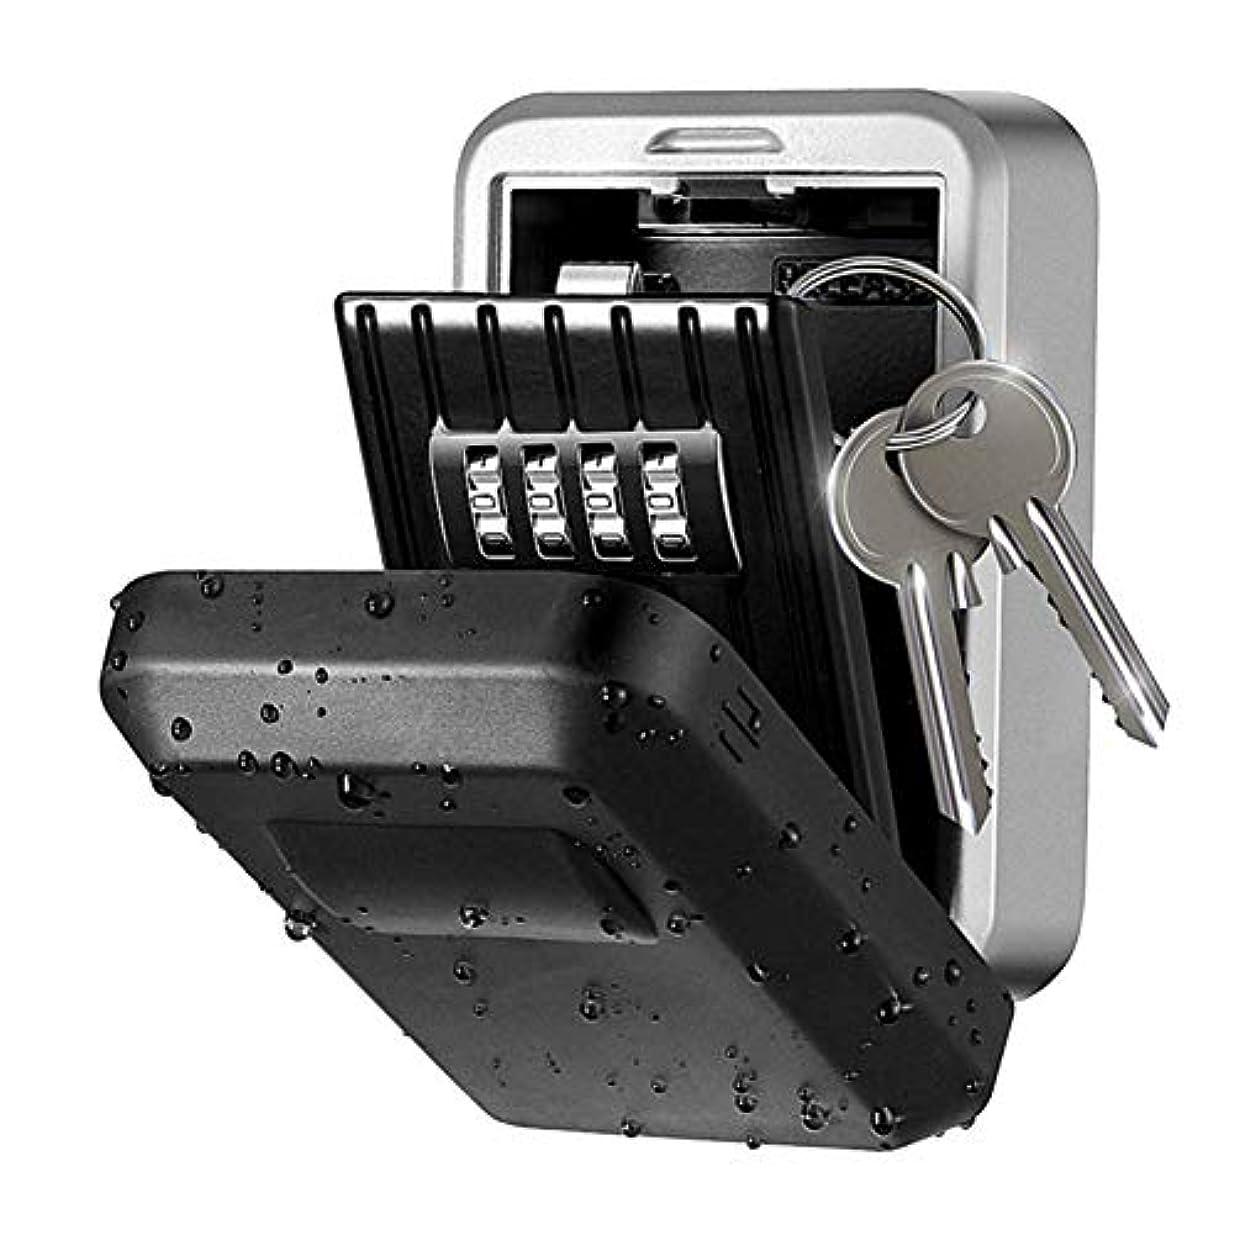 ワイヤーにもかかわらず椅子Key Storage Box,ZOZOE Wall Mount Key Lock Box - Strong, Metal, Outdoors 4 Digit Combination Wall Mount Key Safe Security Storage Box for Sharing Keys Securely Indoor and Outdoor Home Office